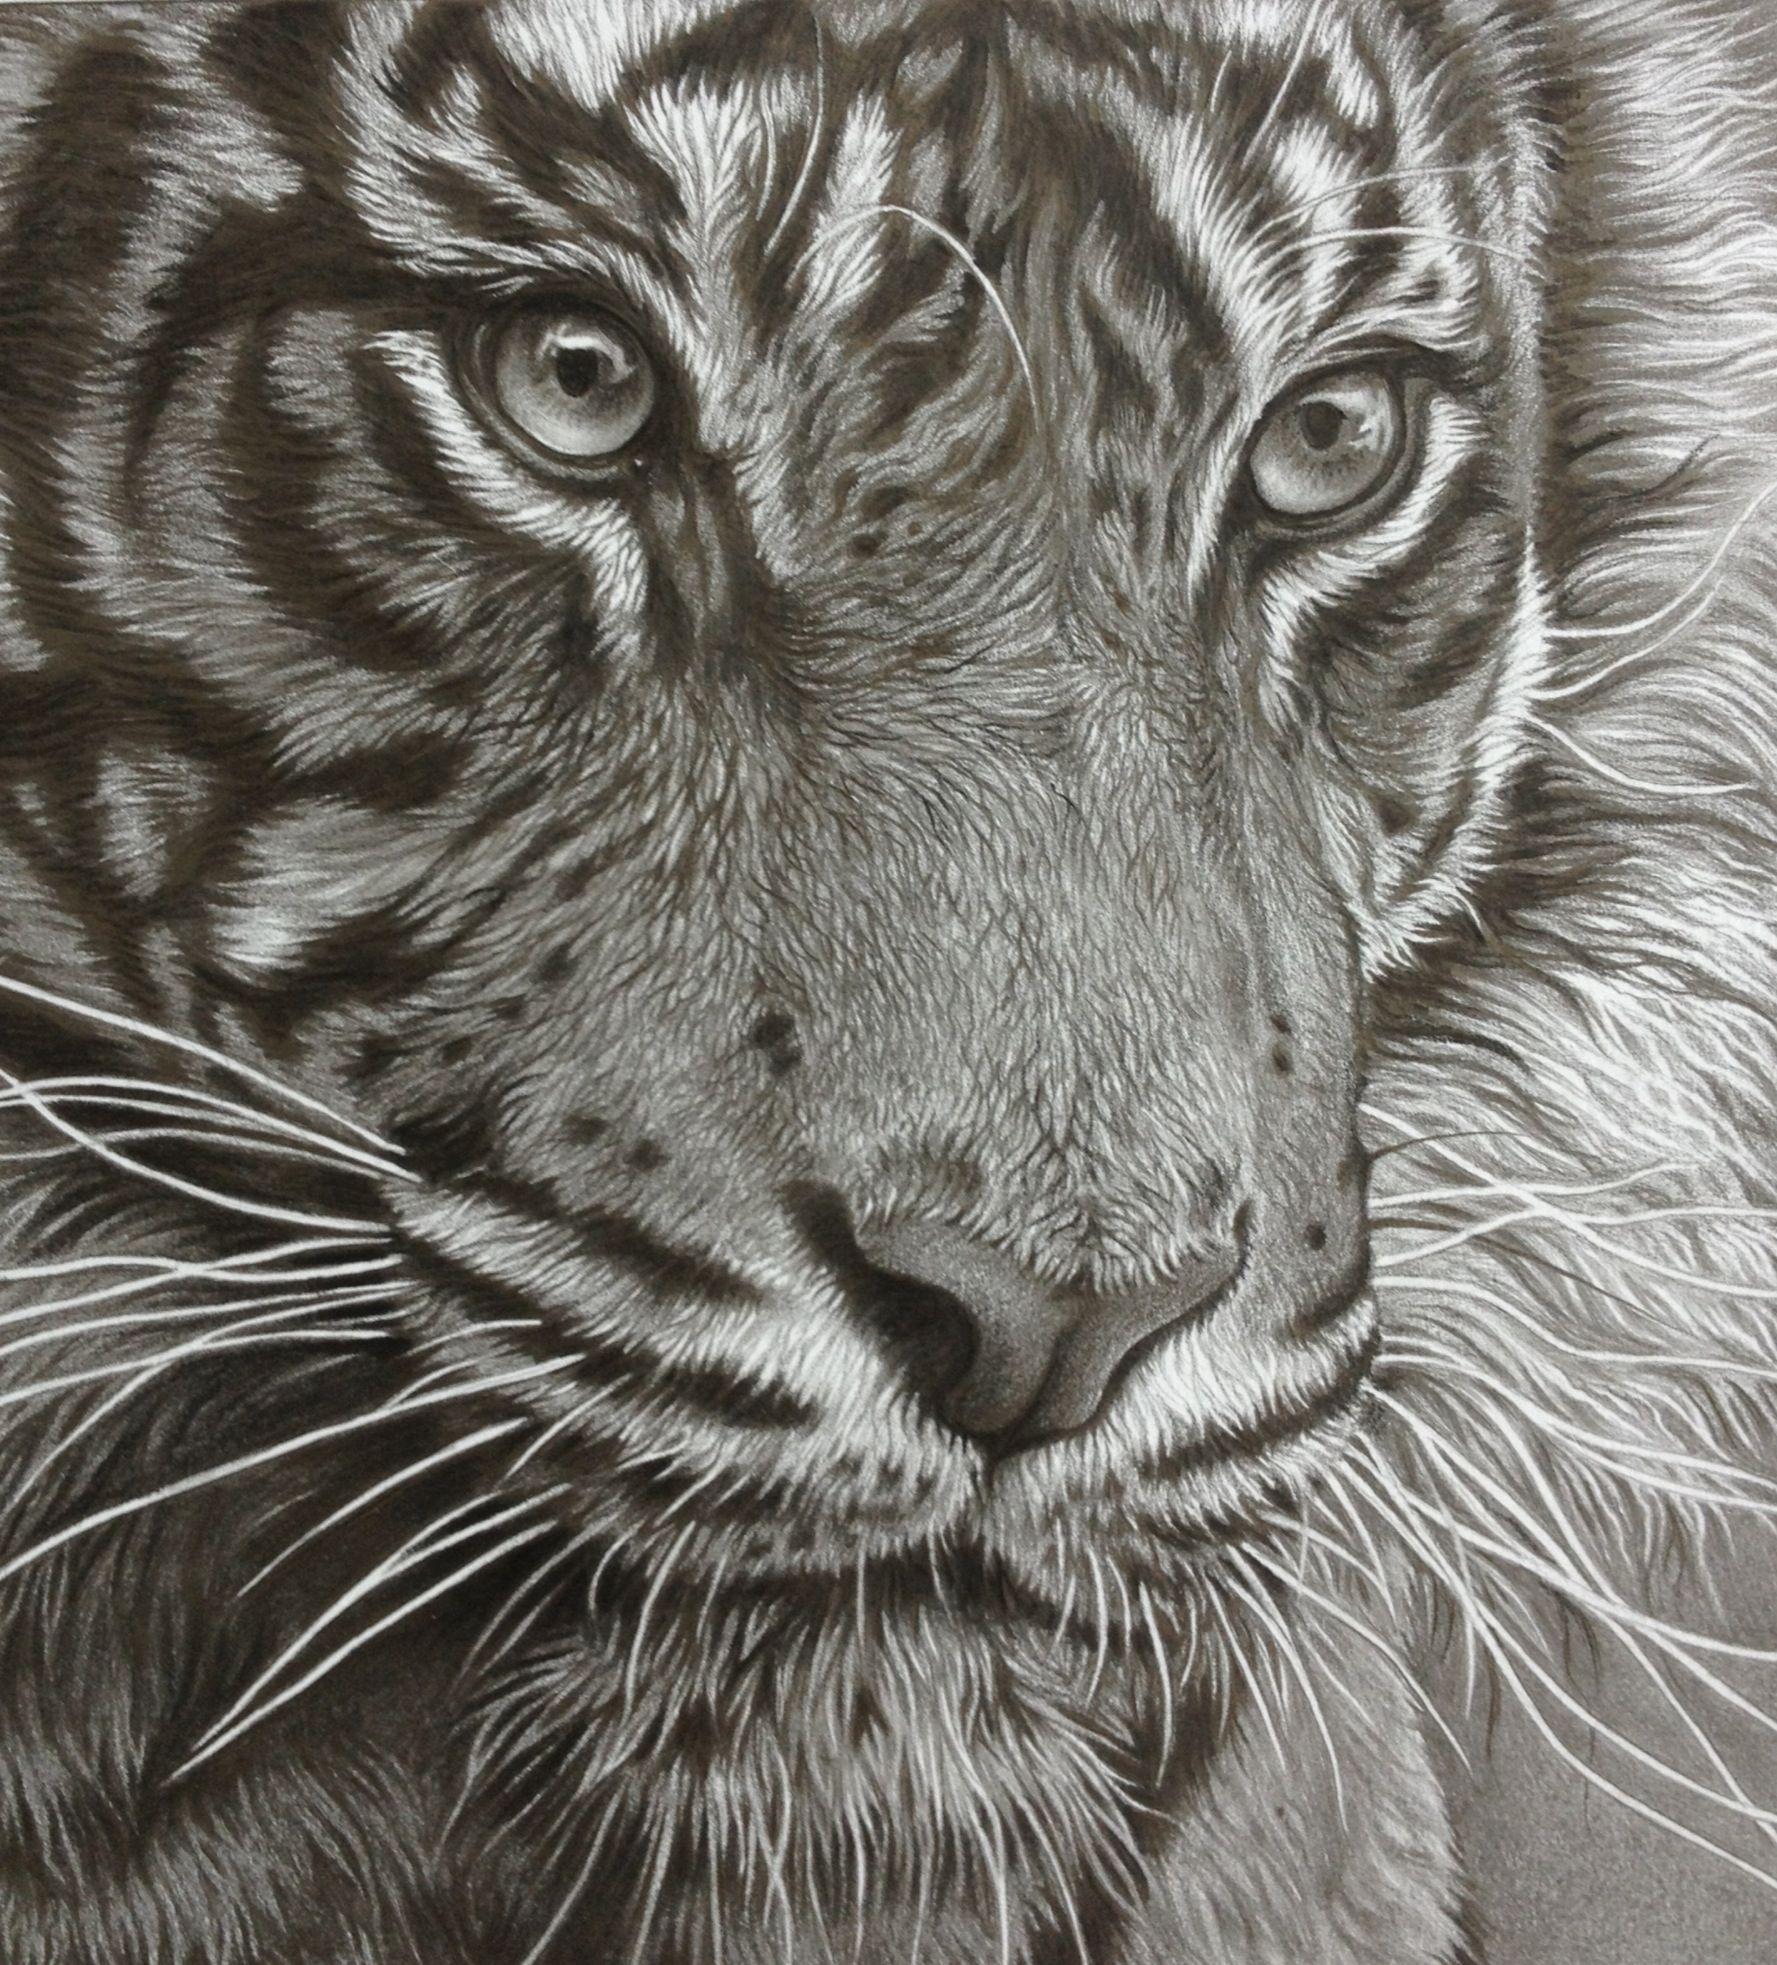 Tiger pencil drawing Tiger drawing, Animal drawings